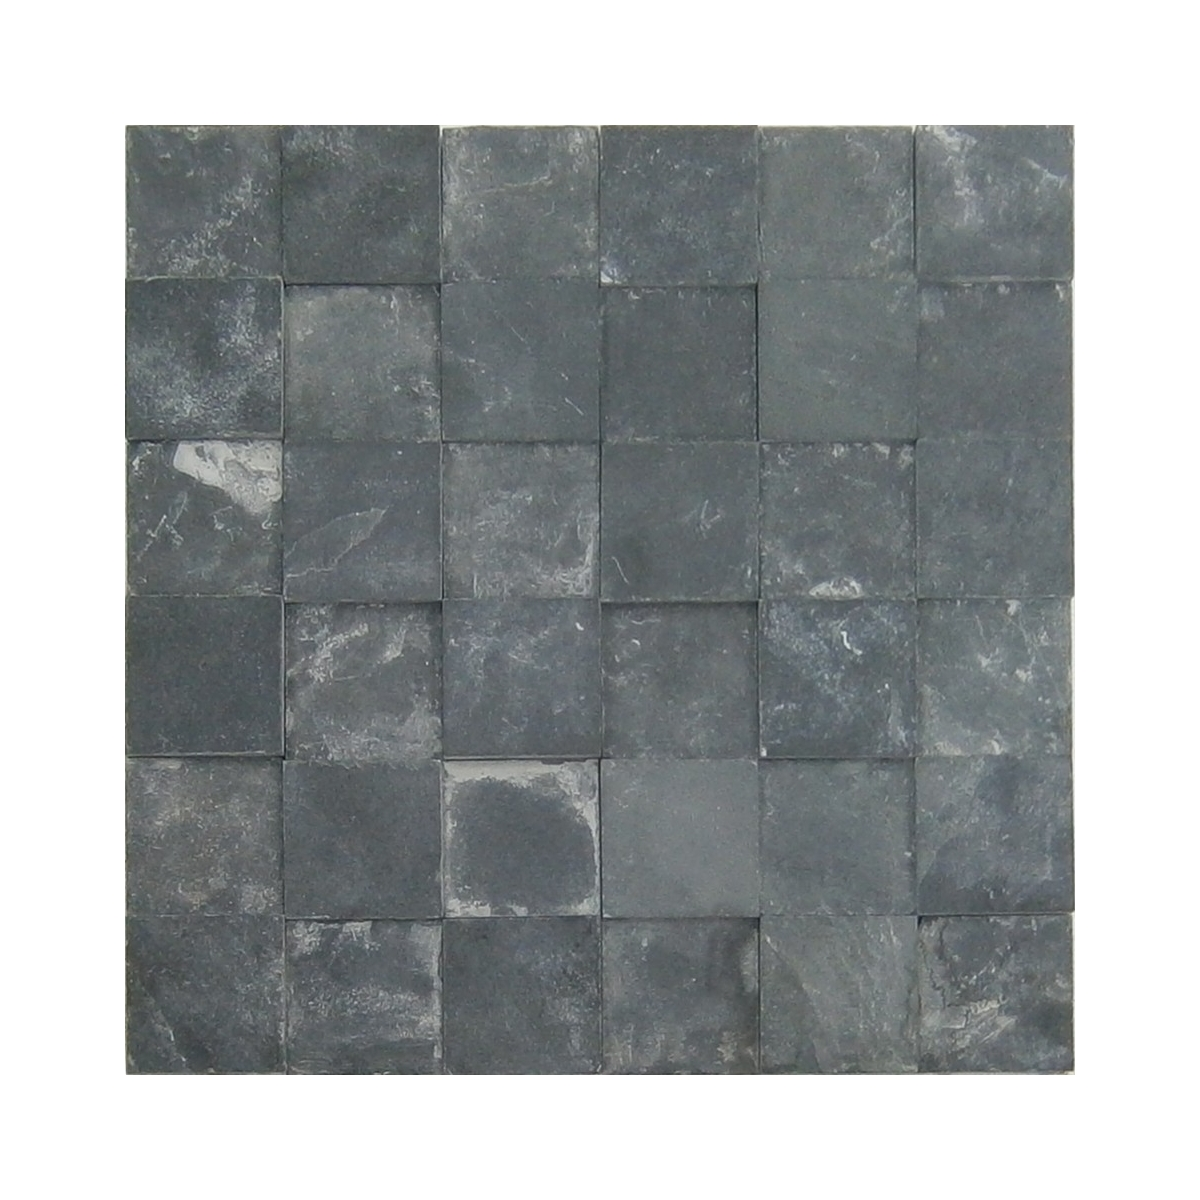 Pavimentos y Revestimientos - Revestimiento con mosaicos de la marca Anjasora